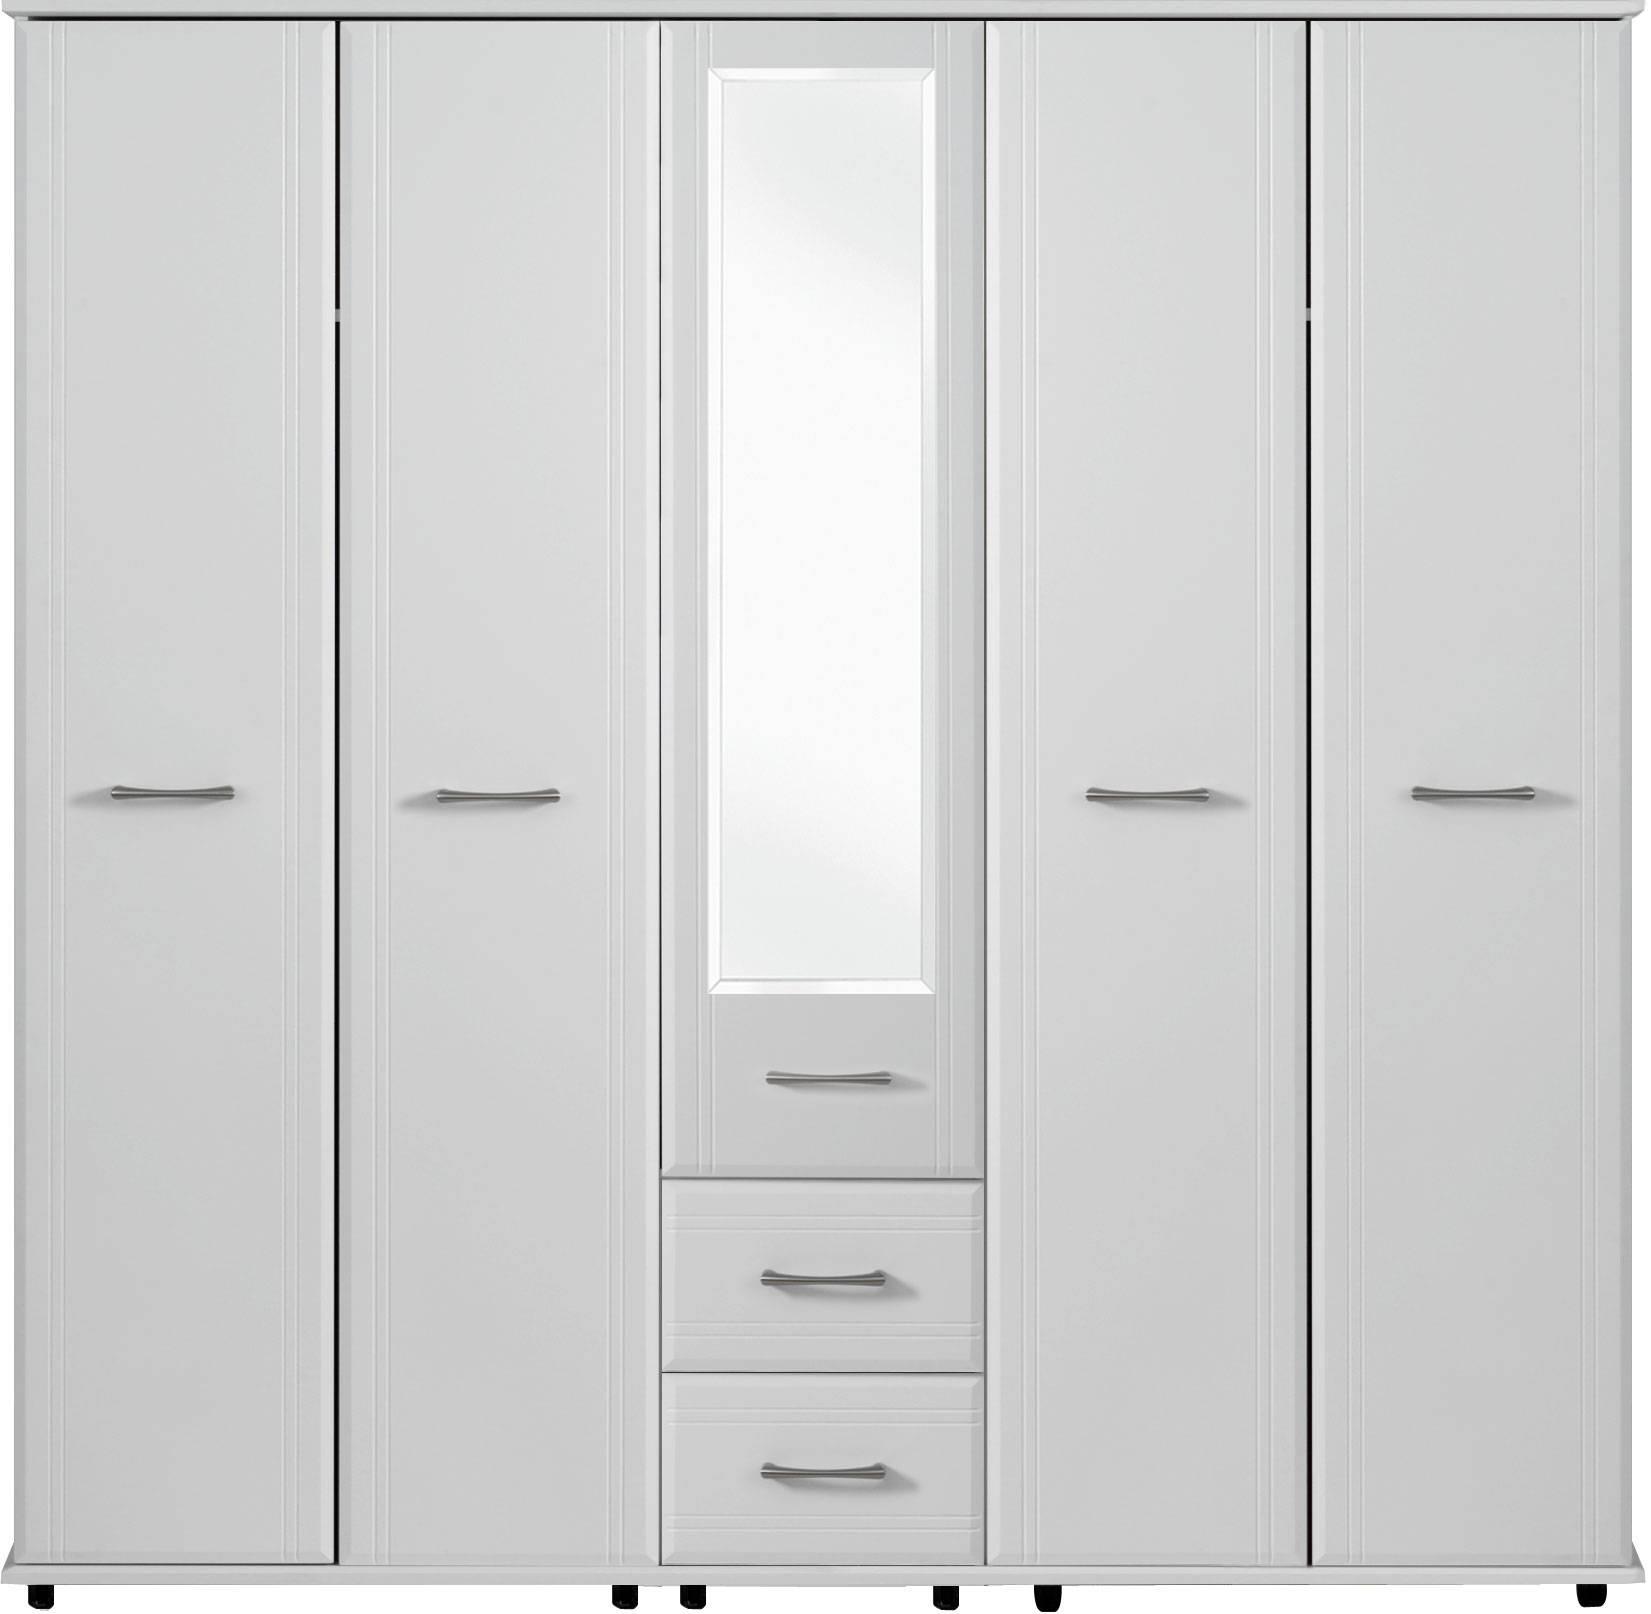 Dorchester 5 Door Wardrobe 1 Mirror 2 Drawers | Crendon Beds With Regard To 5 Door Wardrobes (View 3 of 15)